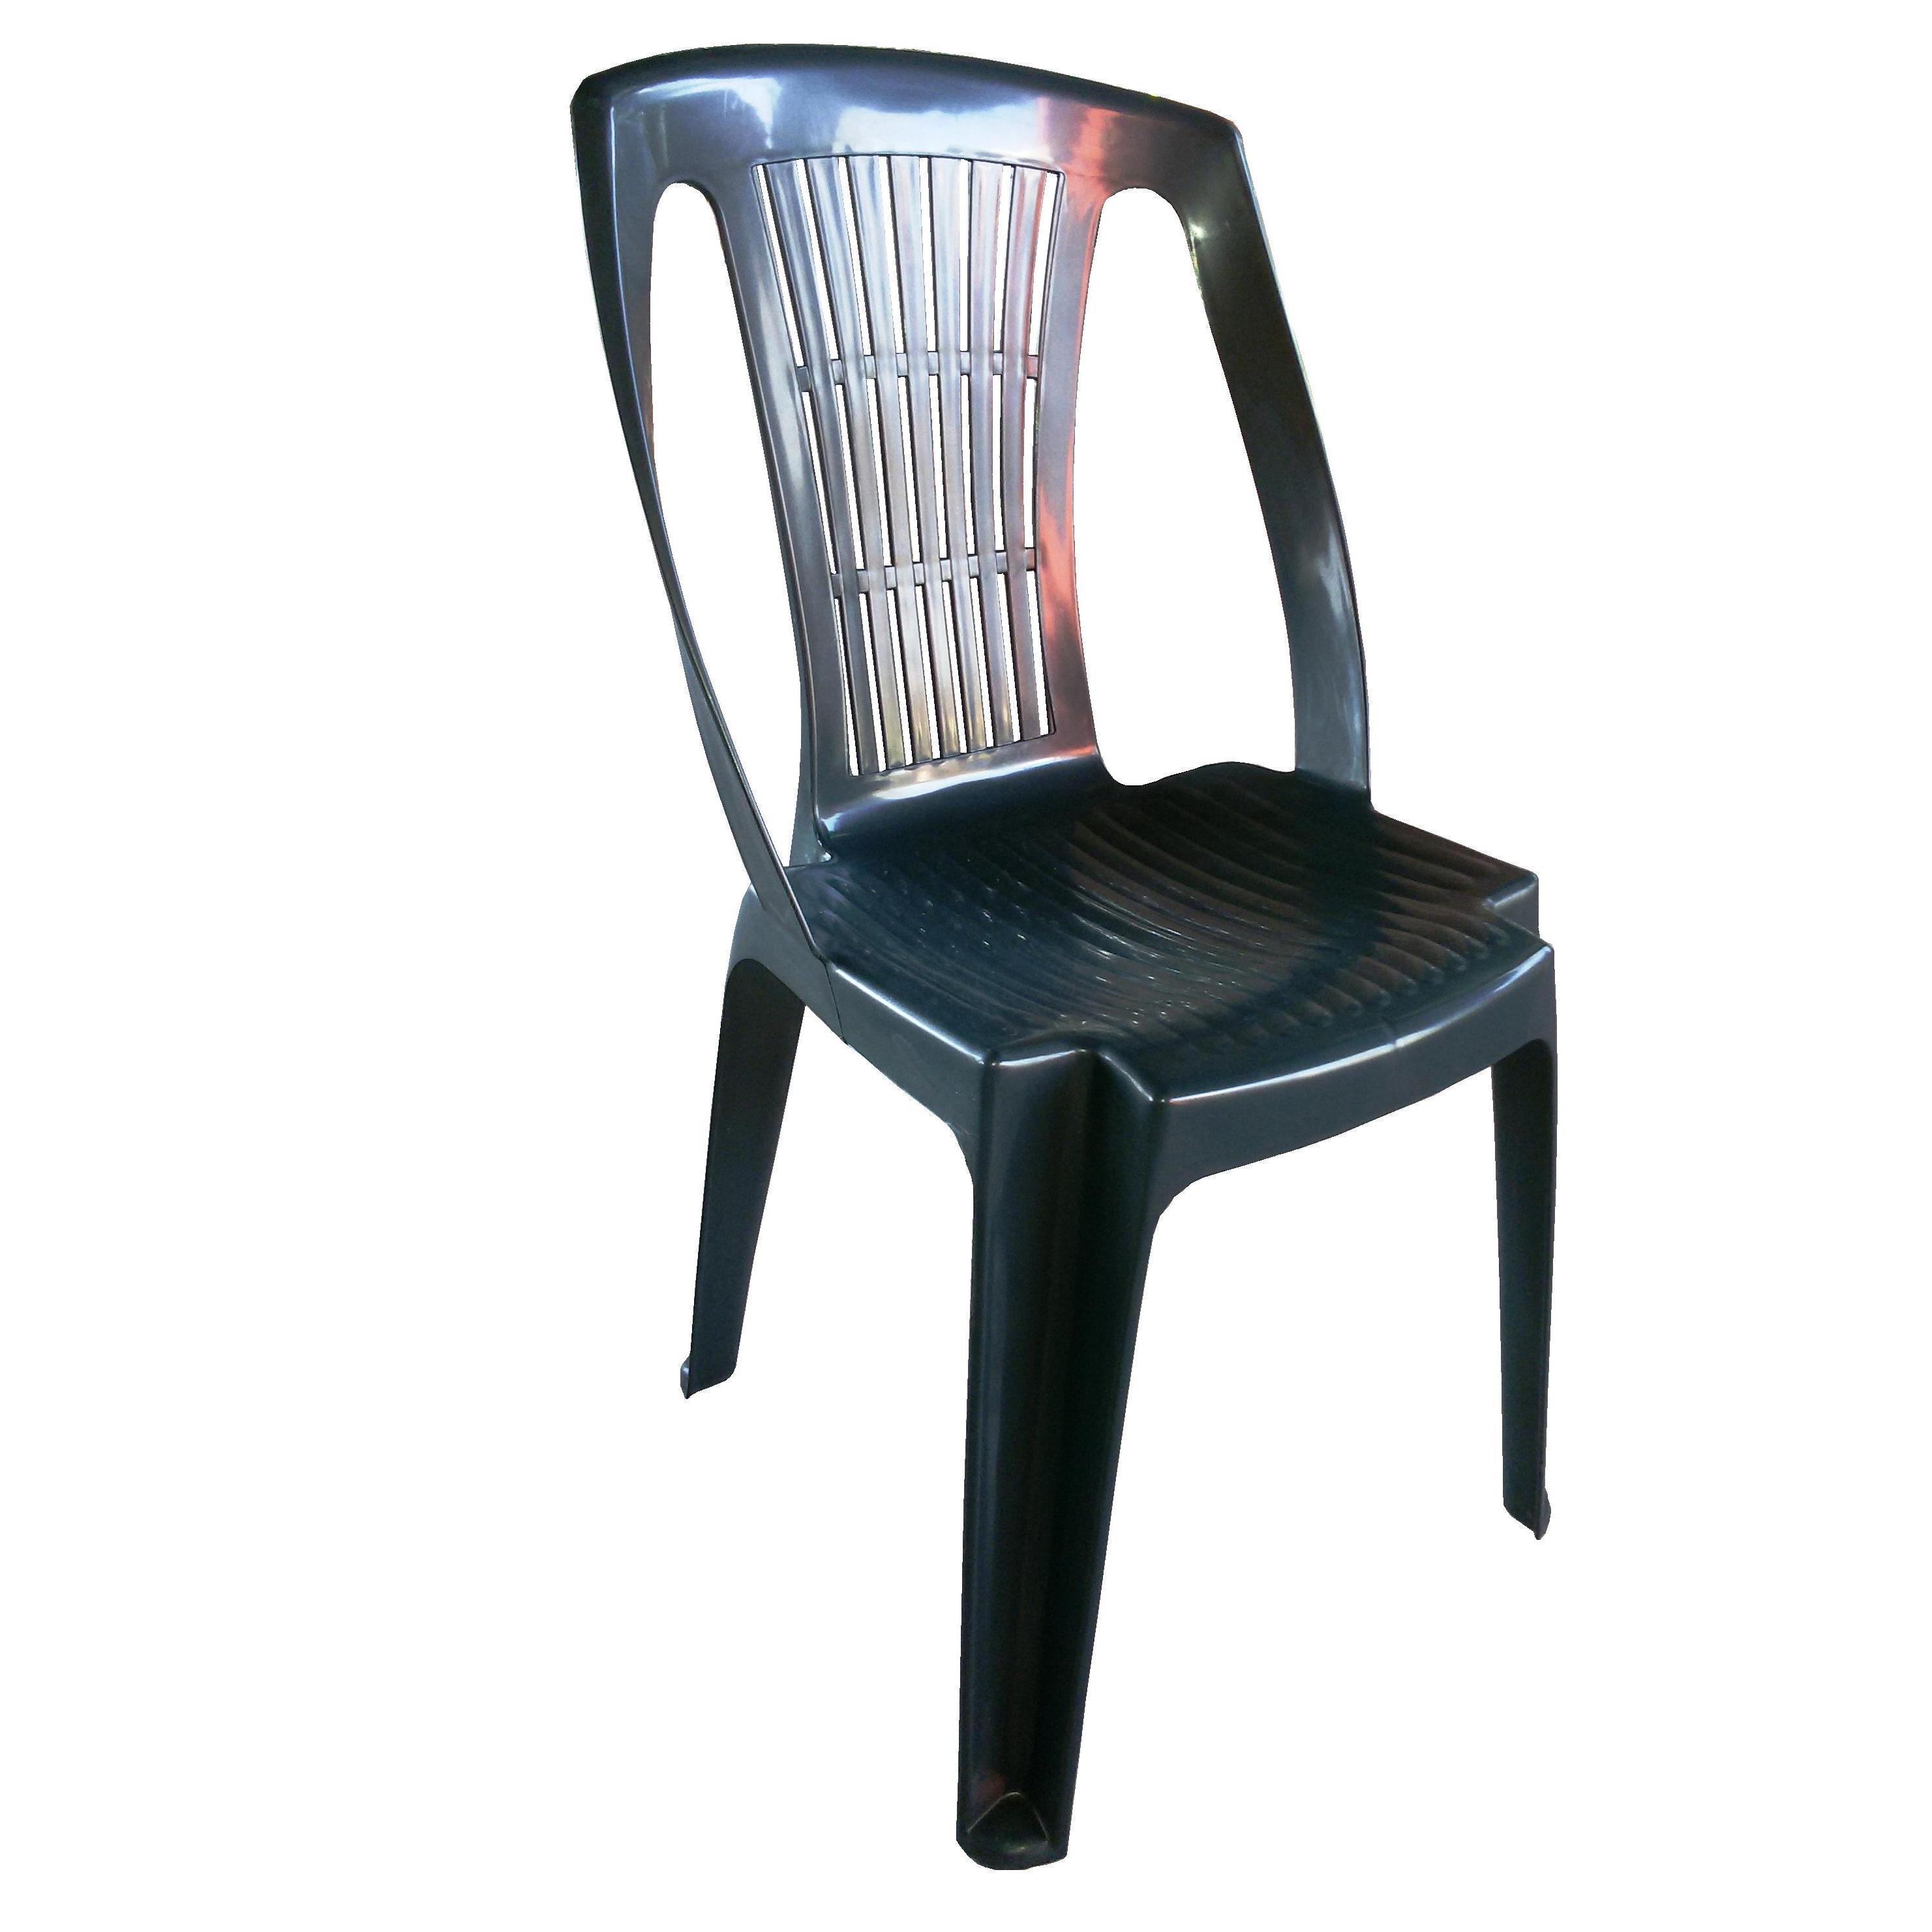 Sedie Per Esterno Plastica.Sedia In Plastica Giardino Senza Braccioli Colore Verde